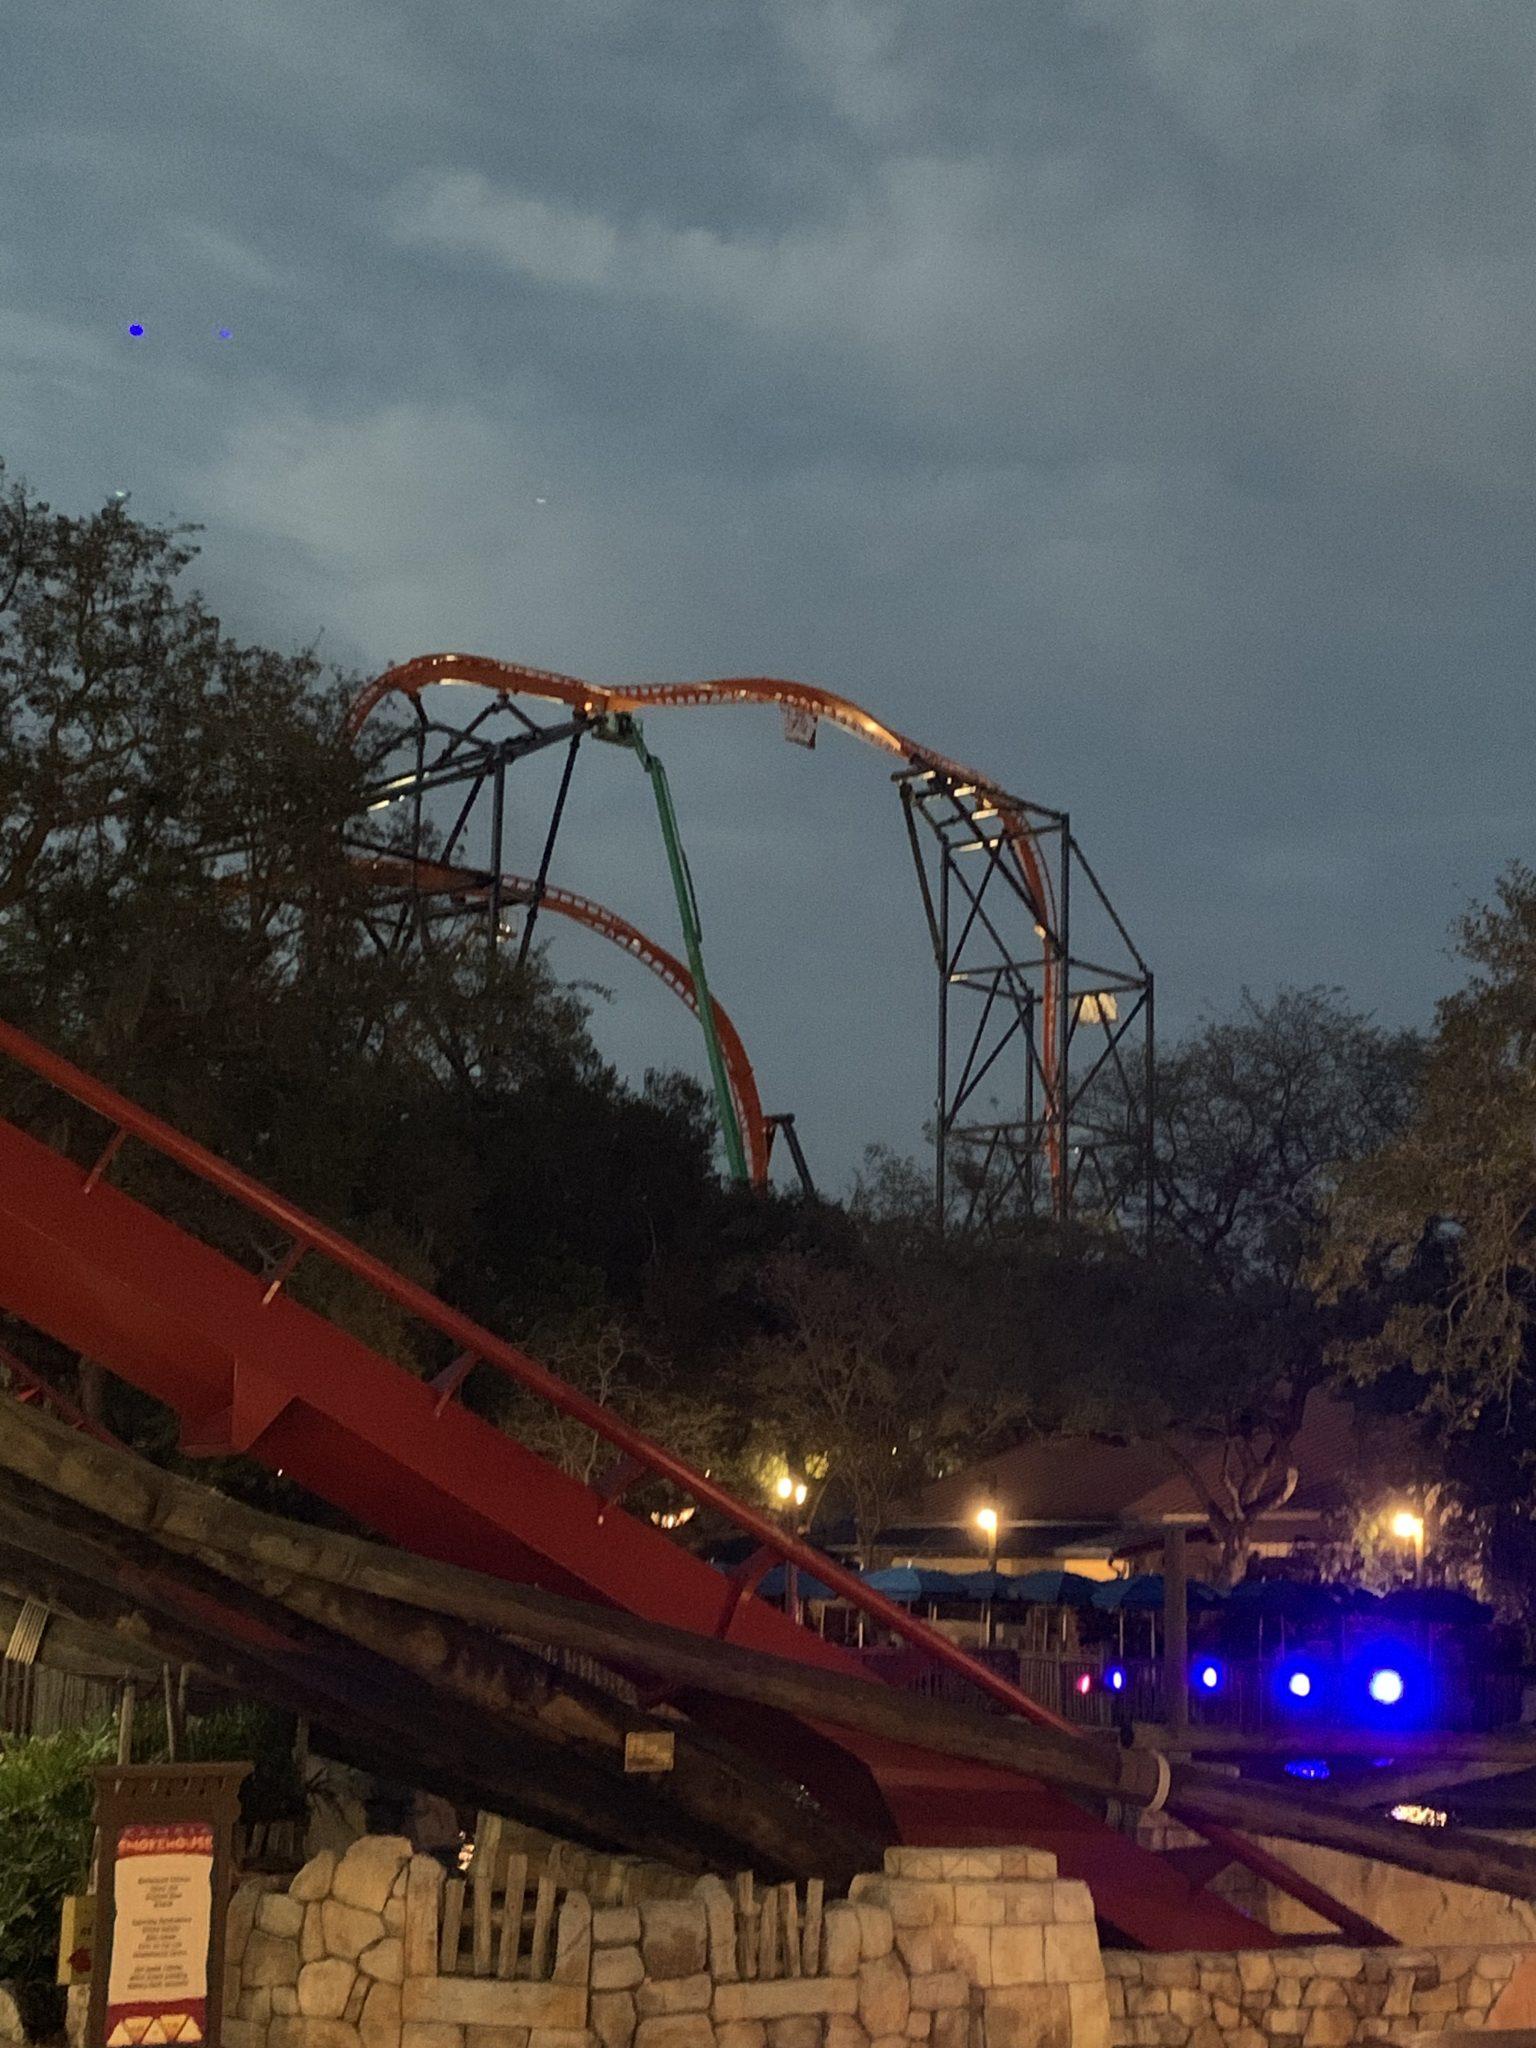 New Tigris roller coaster at Busch Gardens Tampa Bay